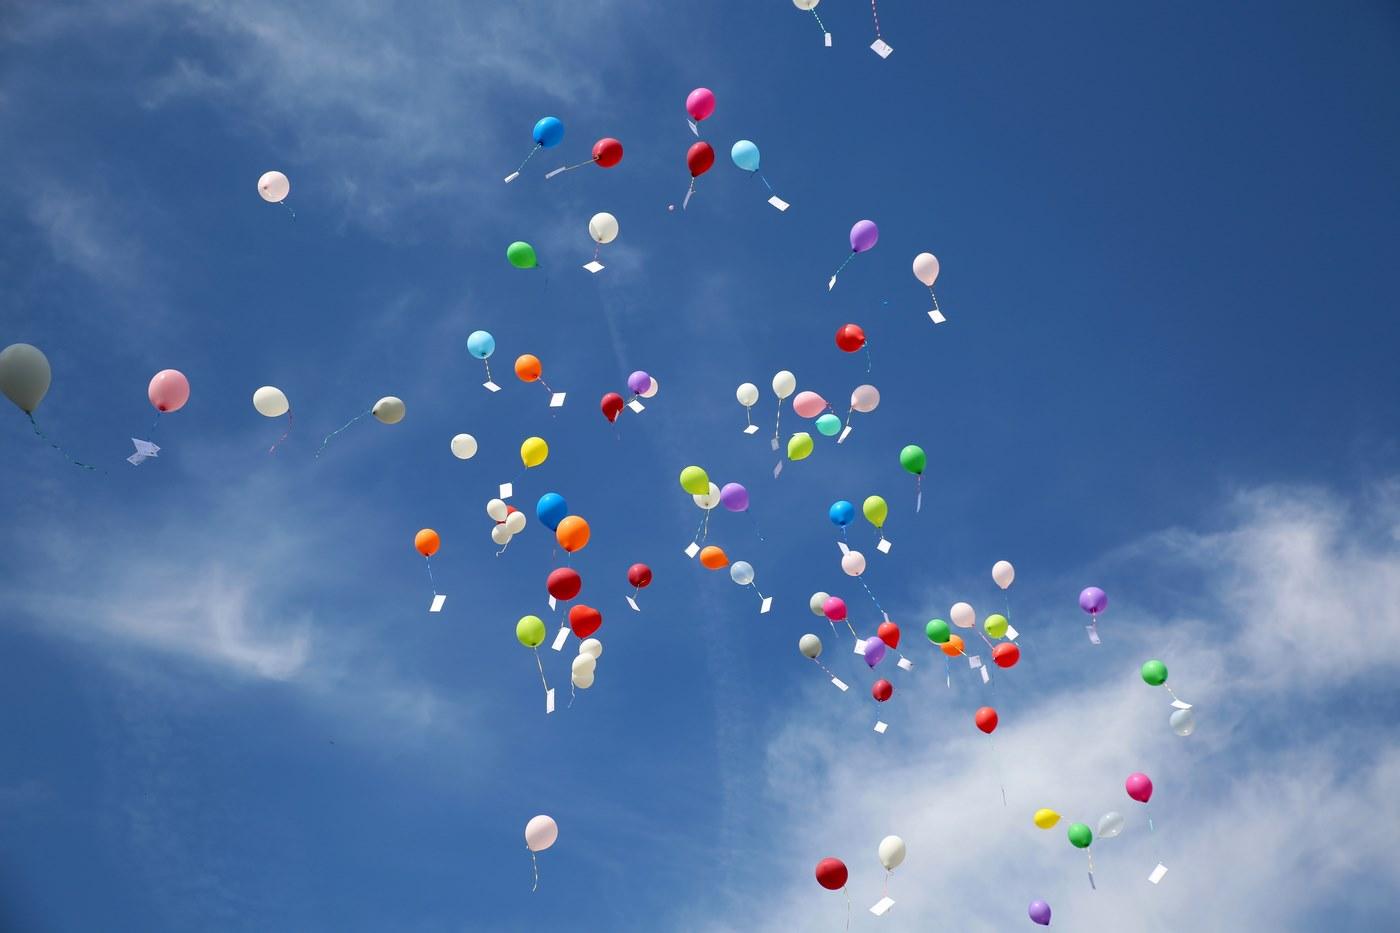 Lufballons in allen Farben